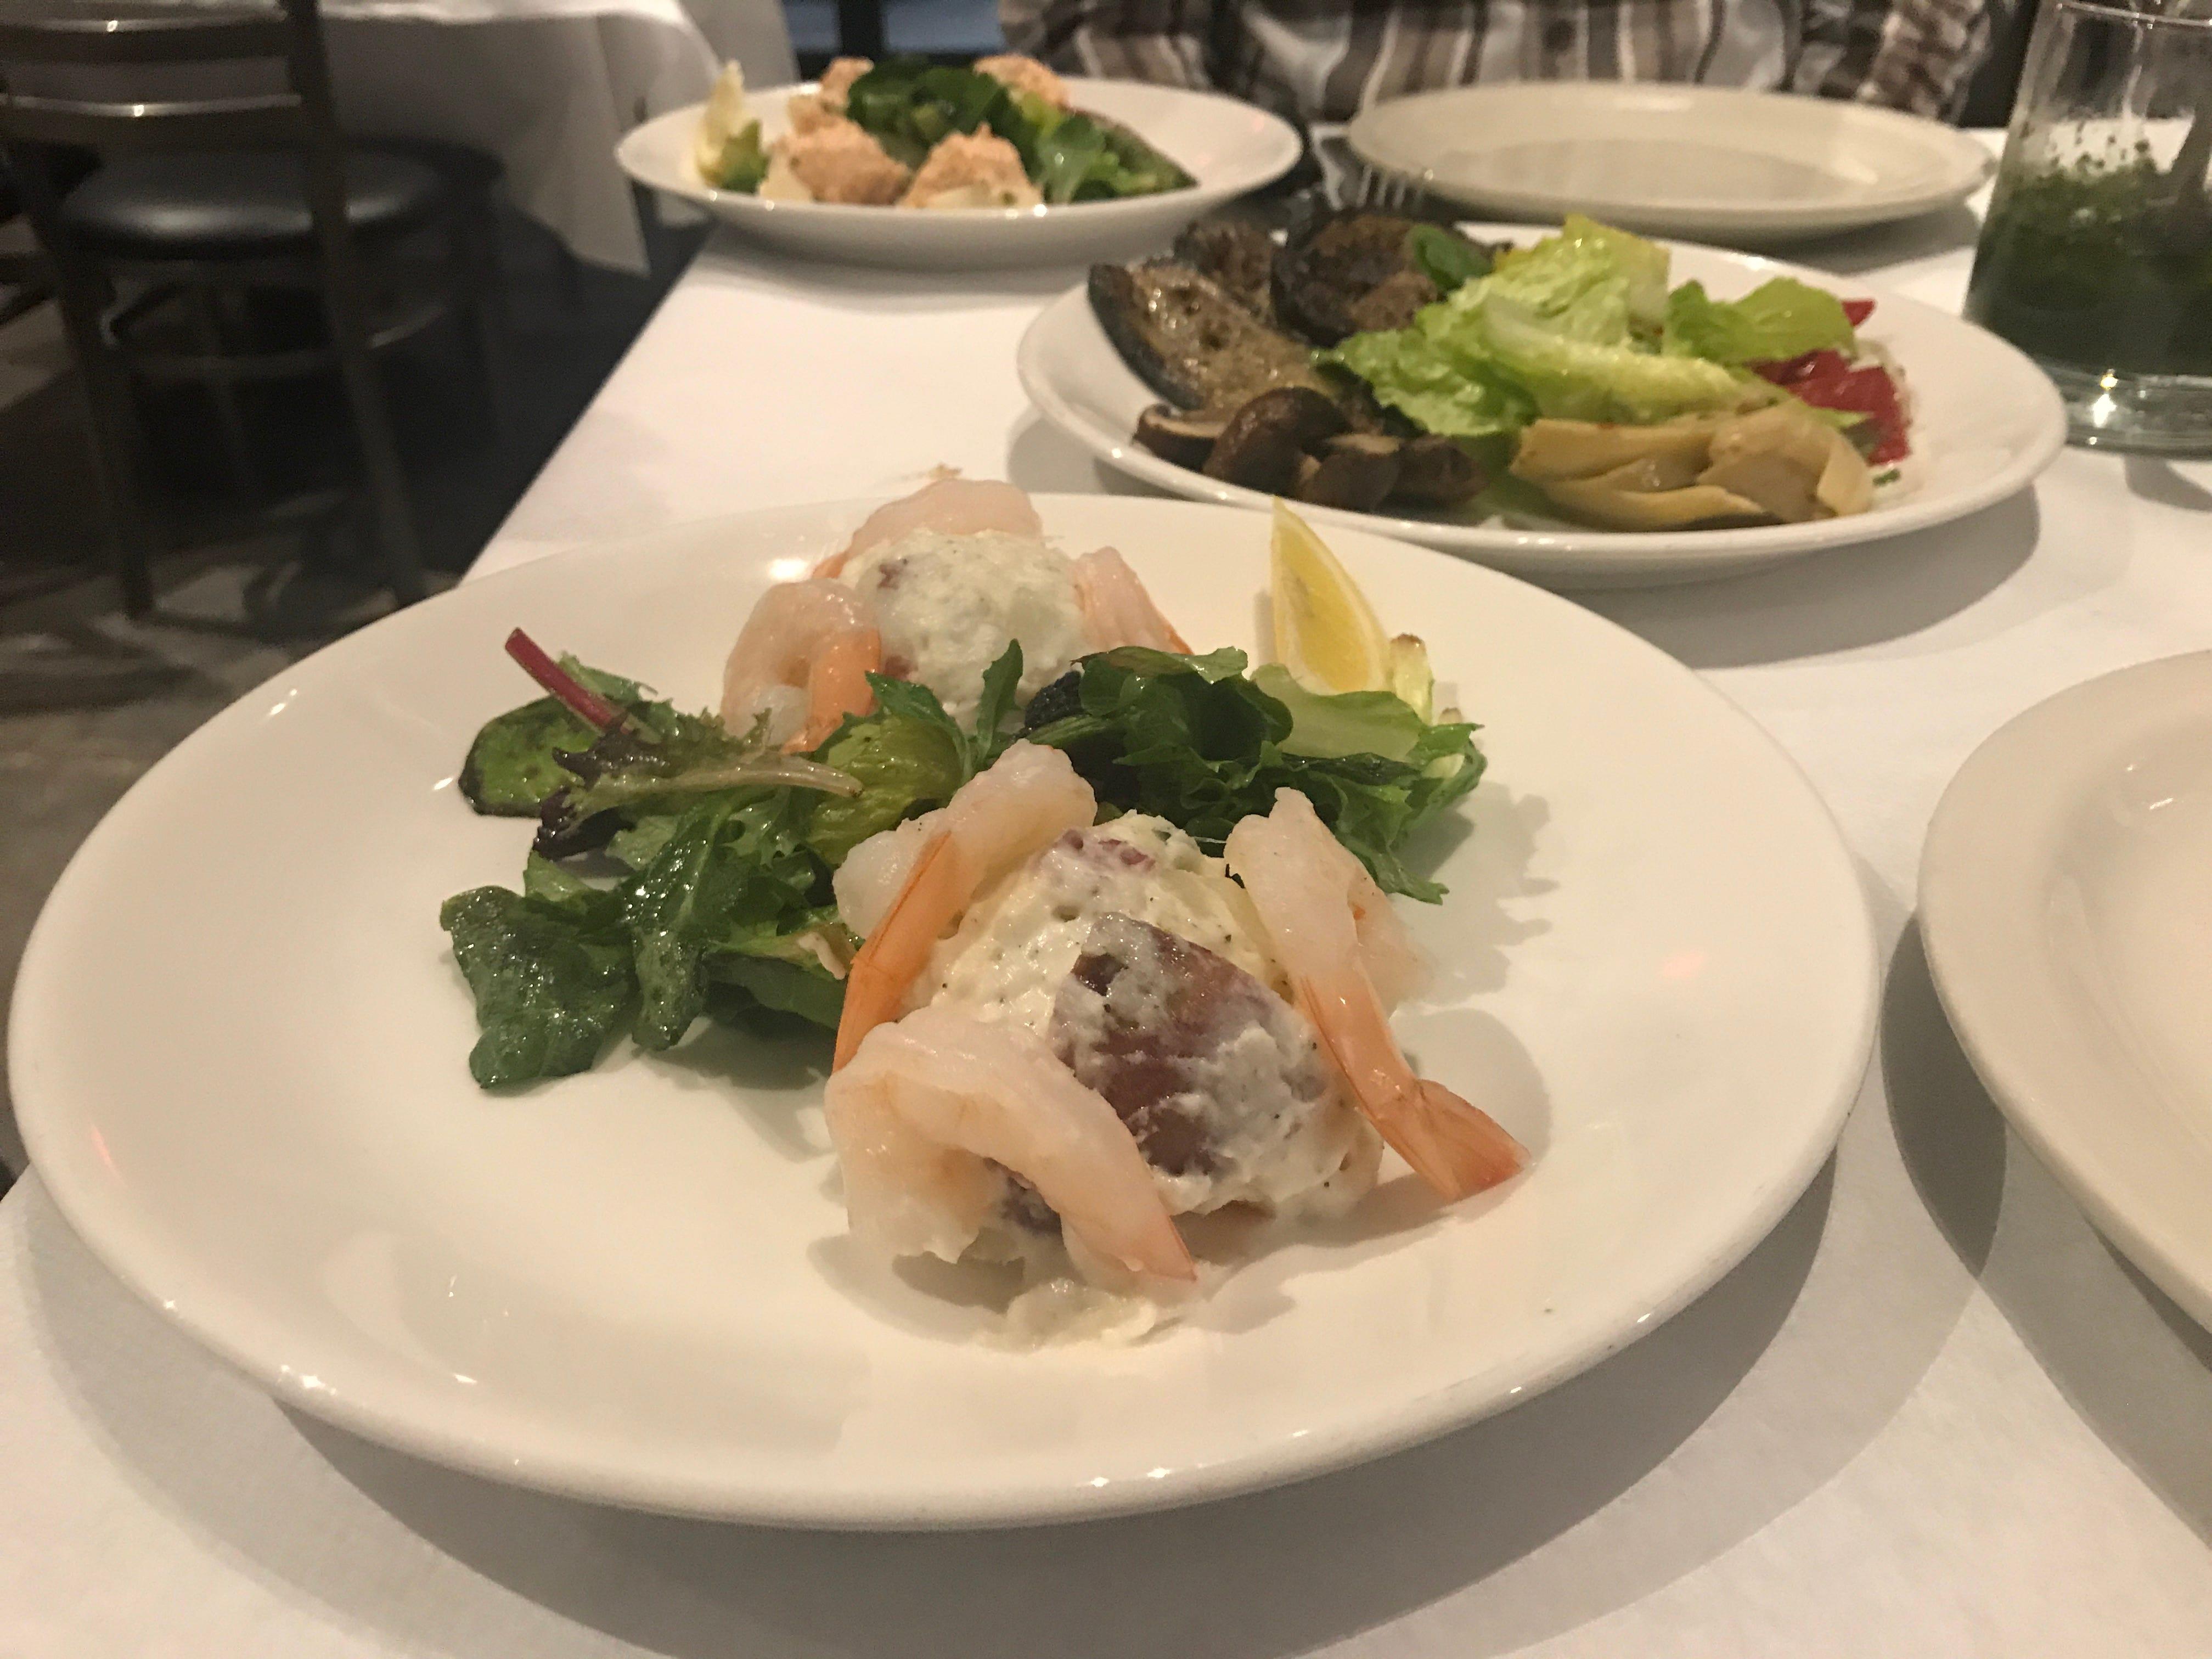 Russian potato salad with shrimp at Al Punto.